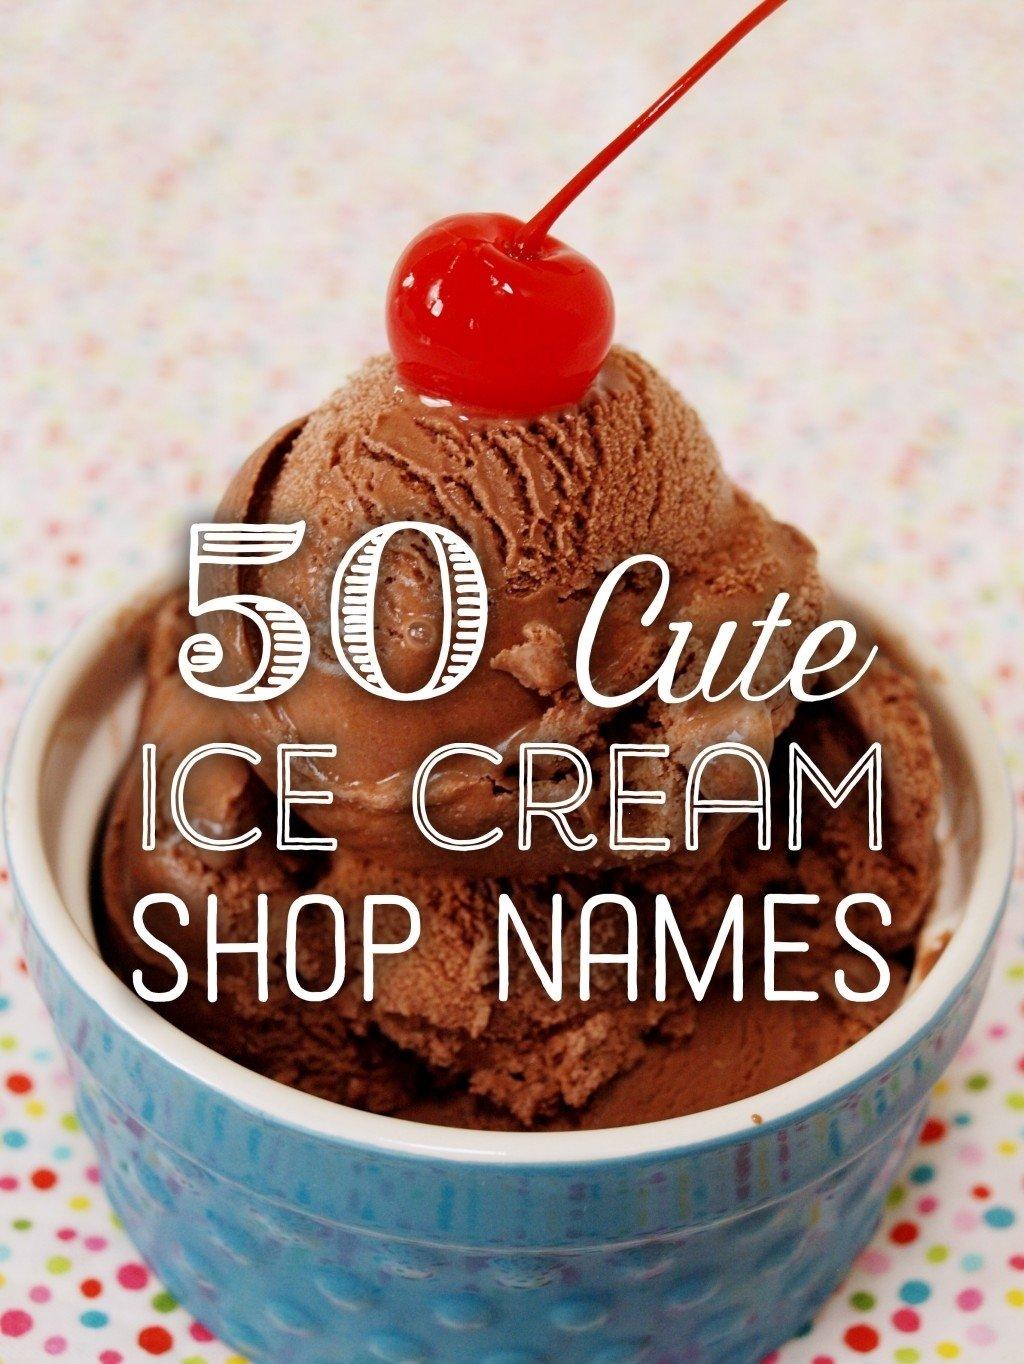 10 Fabulous Ice Cream Shop Name Ideas 50 cute ice cream shop names toughnickel 2021